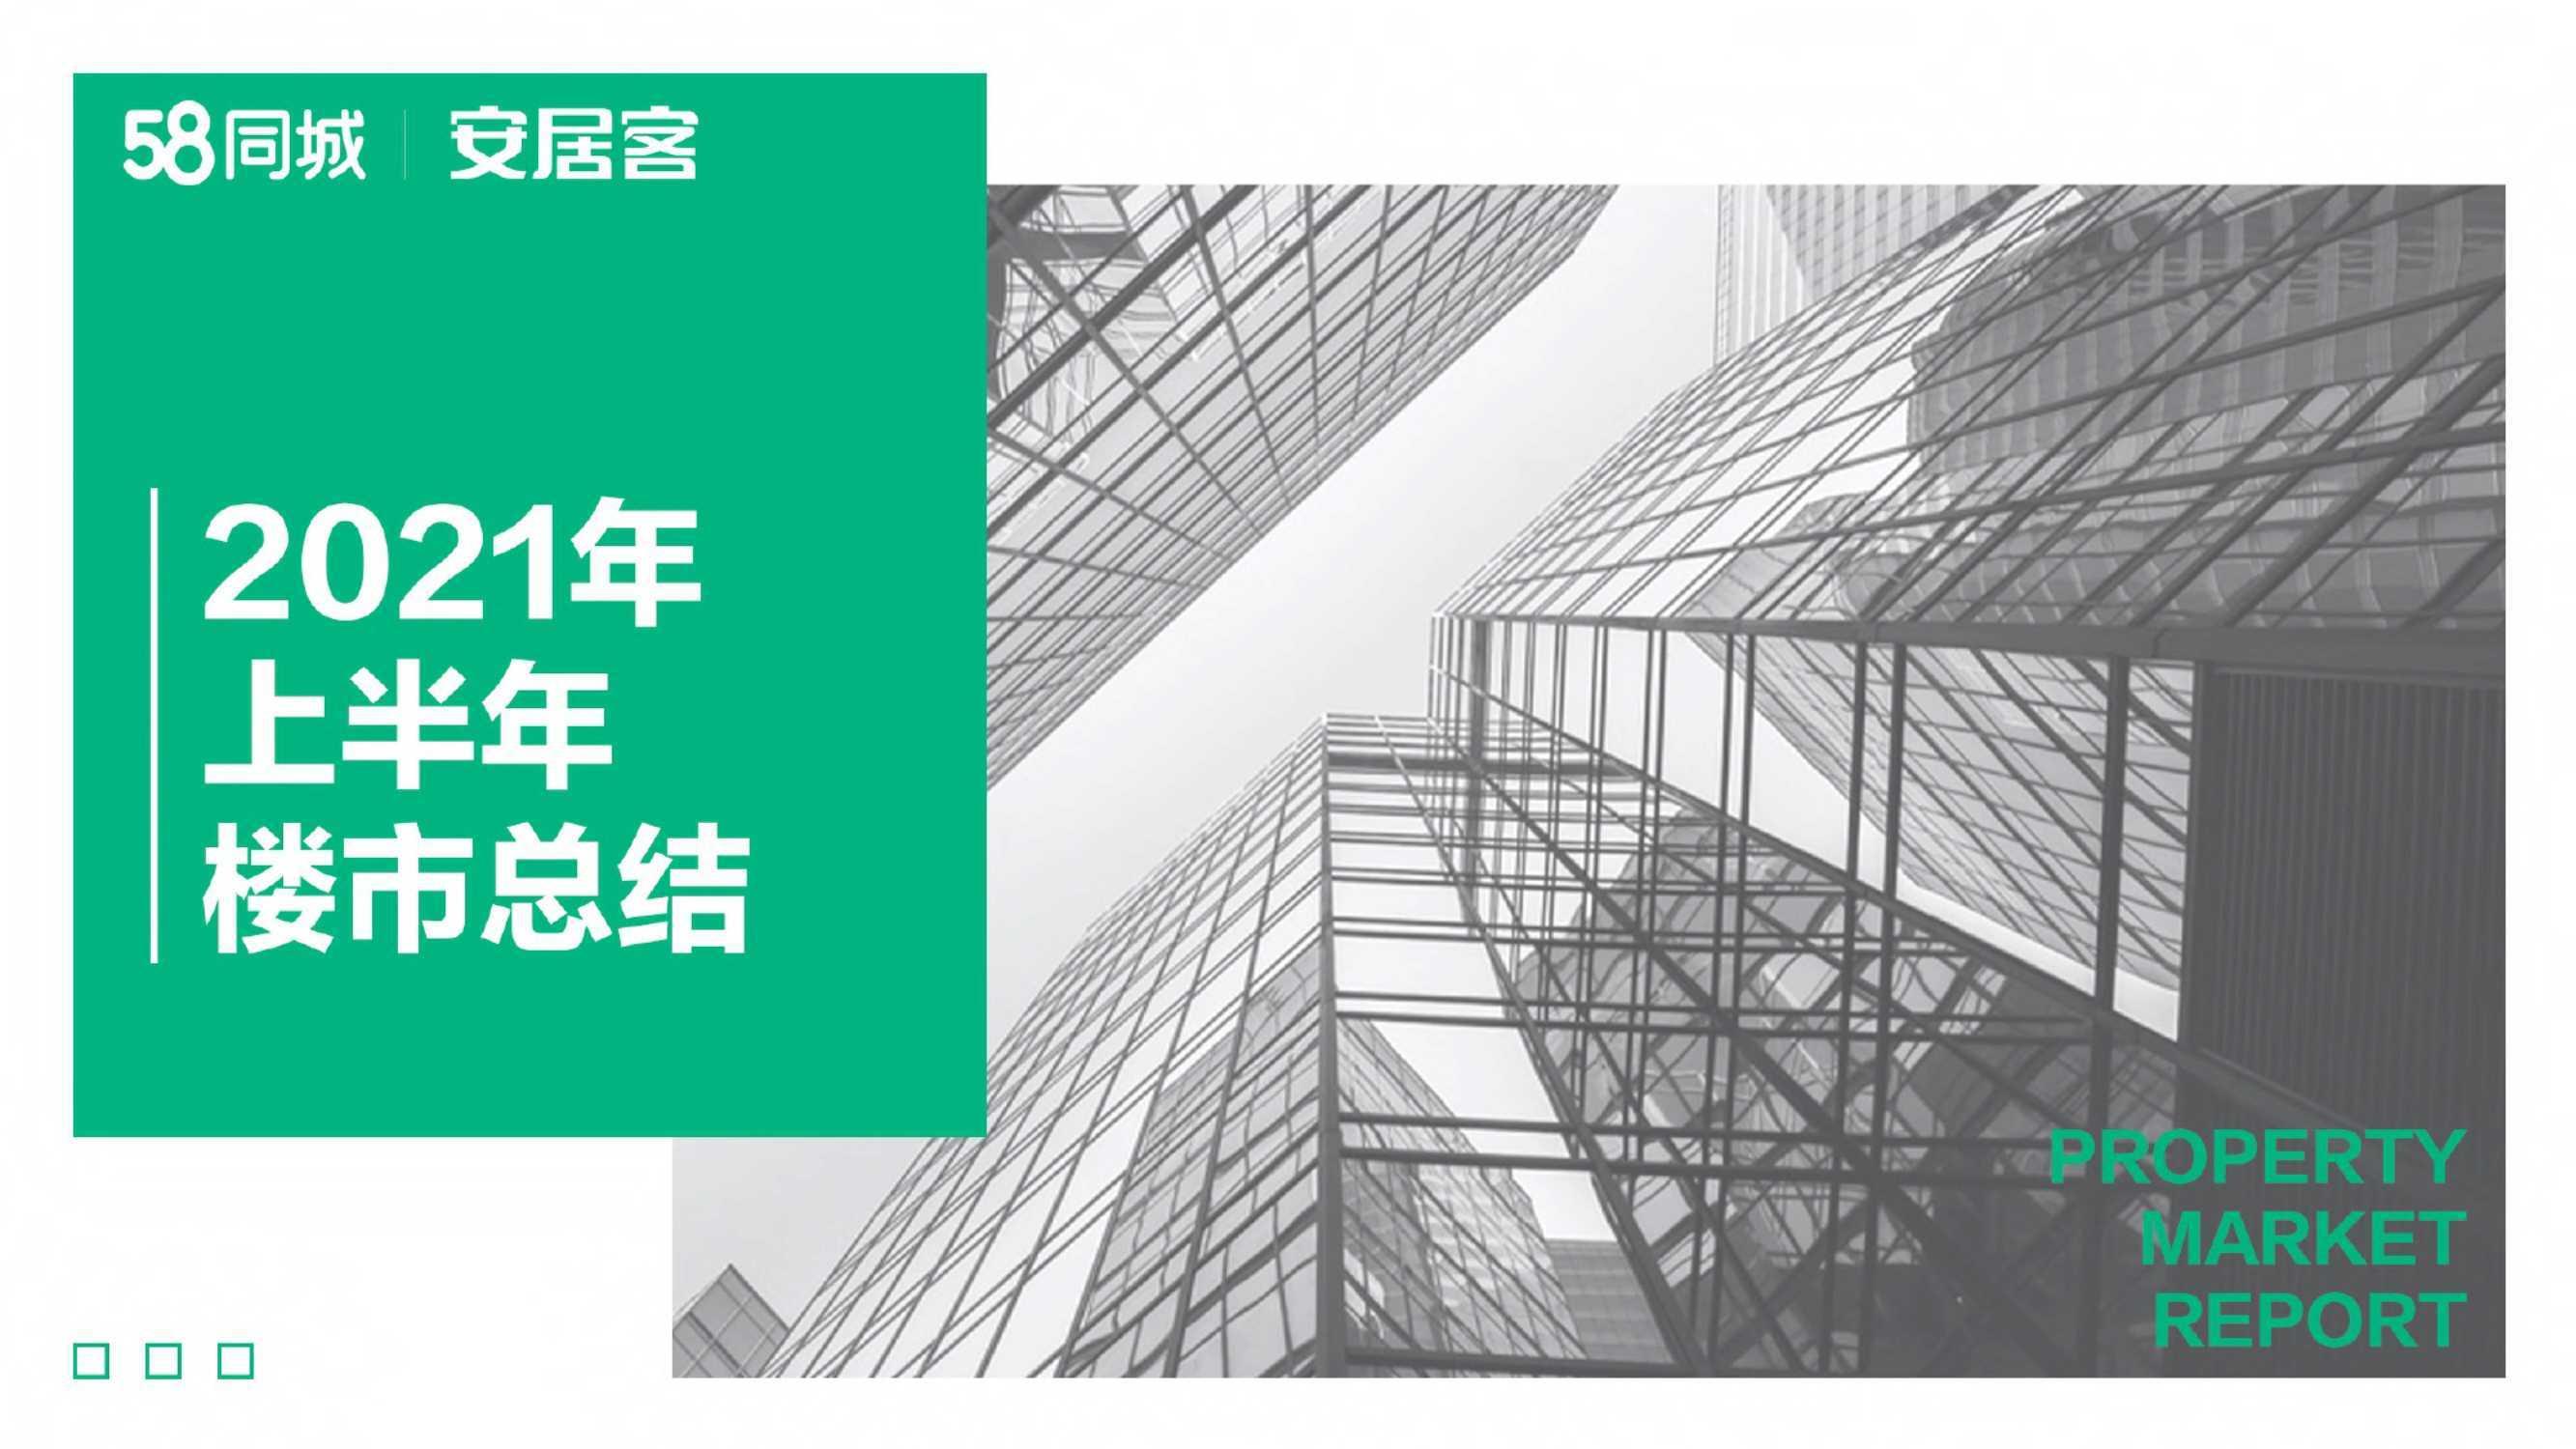 2021年上半年楼市总结(58安居客)